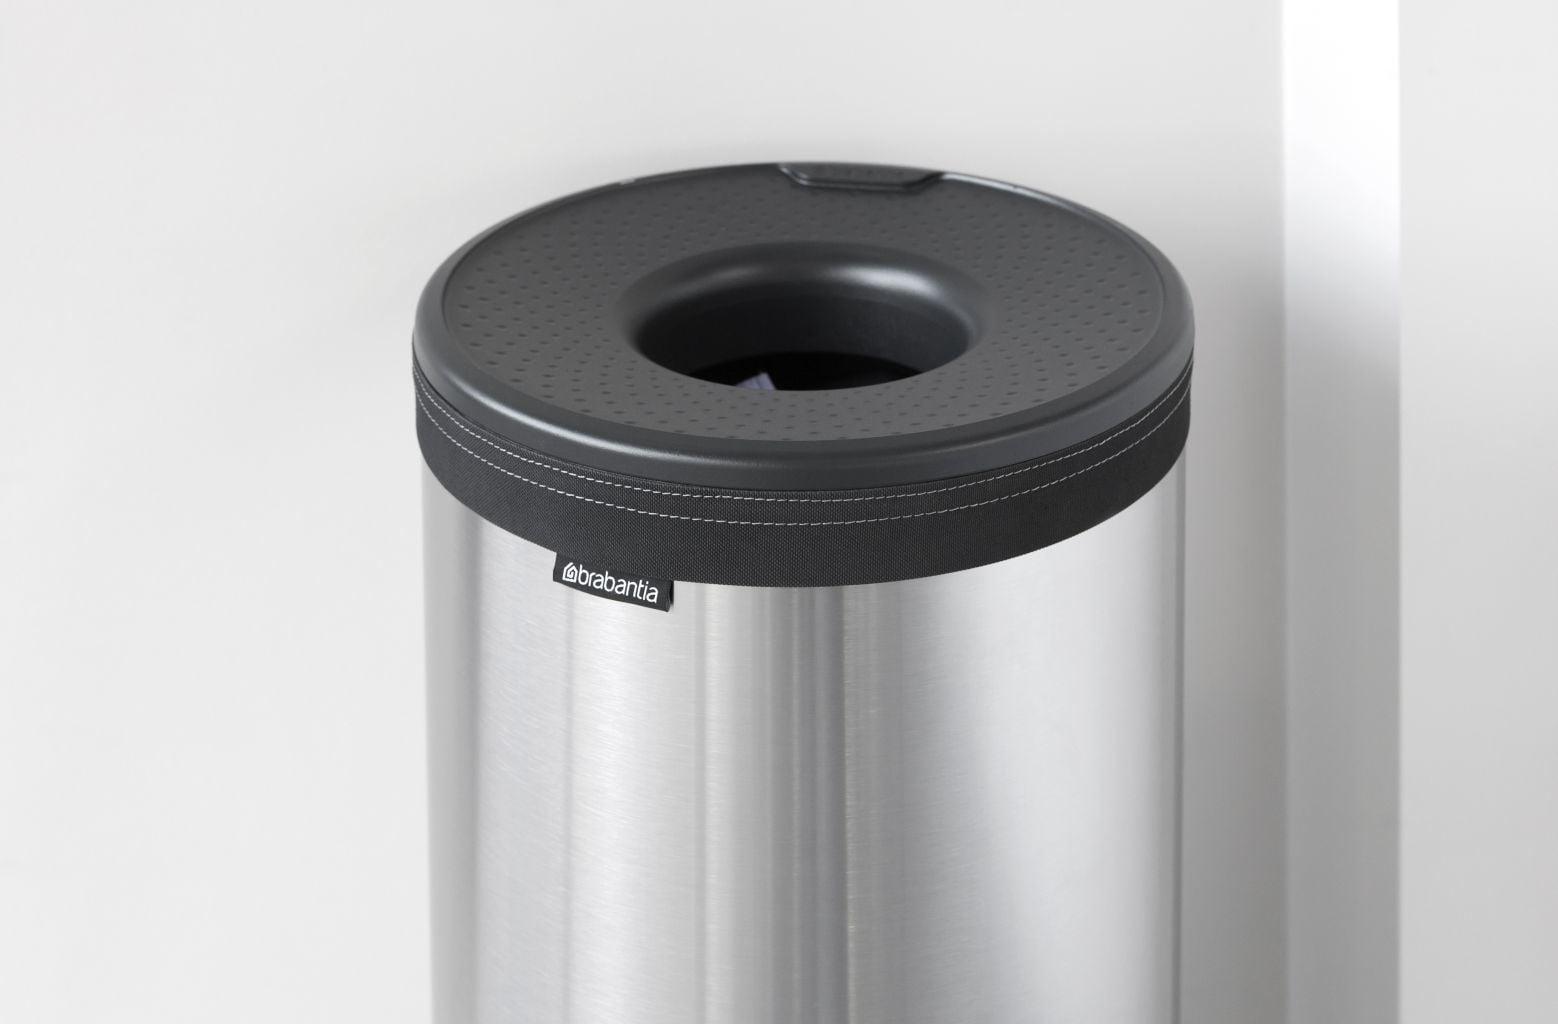 Brabantia Wasmand 30 Liter.Brabantia Wasbox 30 Liter Matt Steel Dark Grey Kunststof Deksel Brabantia Wasbox 30 Liter Matt Steel Dark Grey Kunststof Deksel